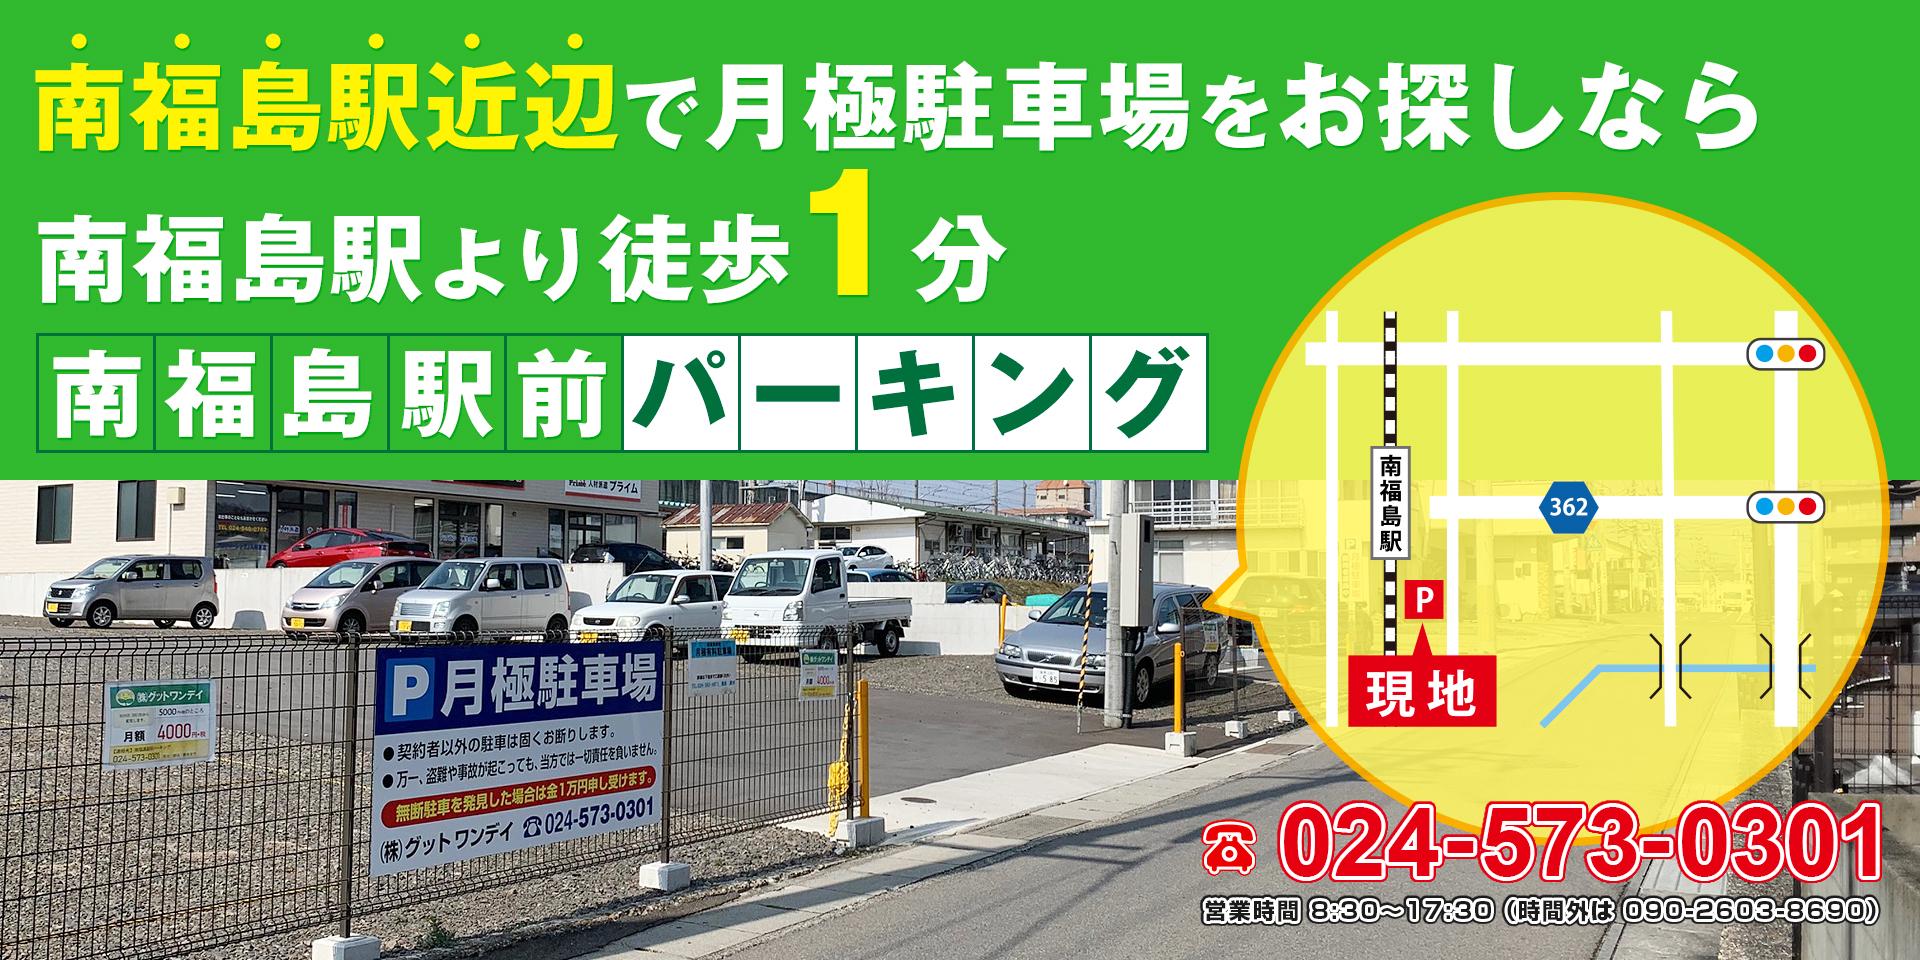 南福島駅前パーキング(株式会社グットワンデイ)福島市 駐車場